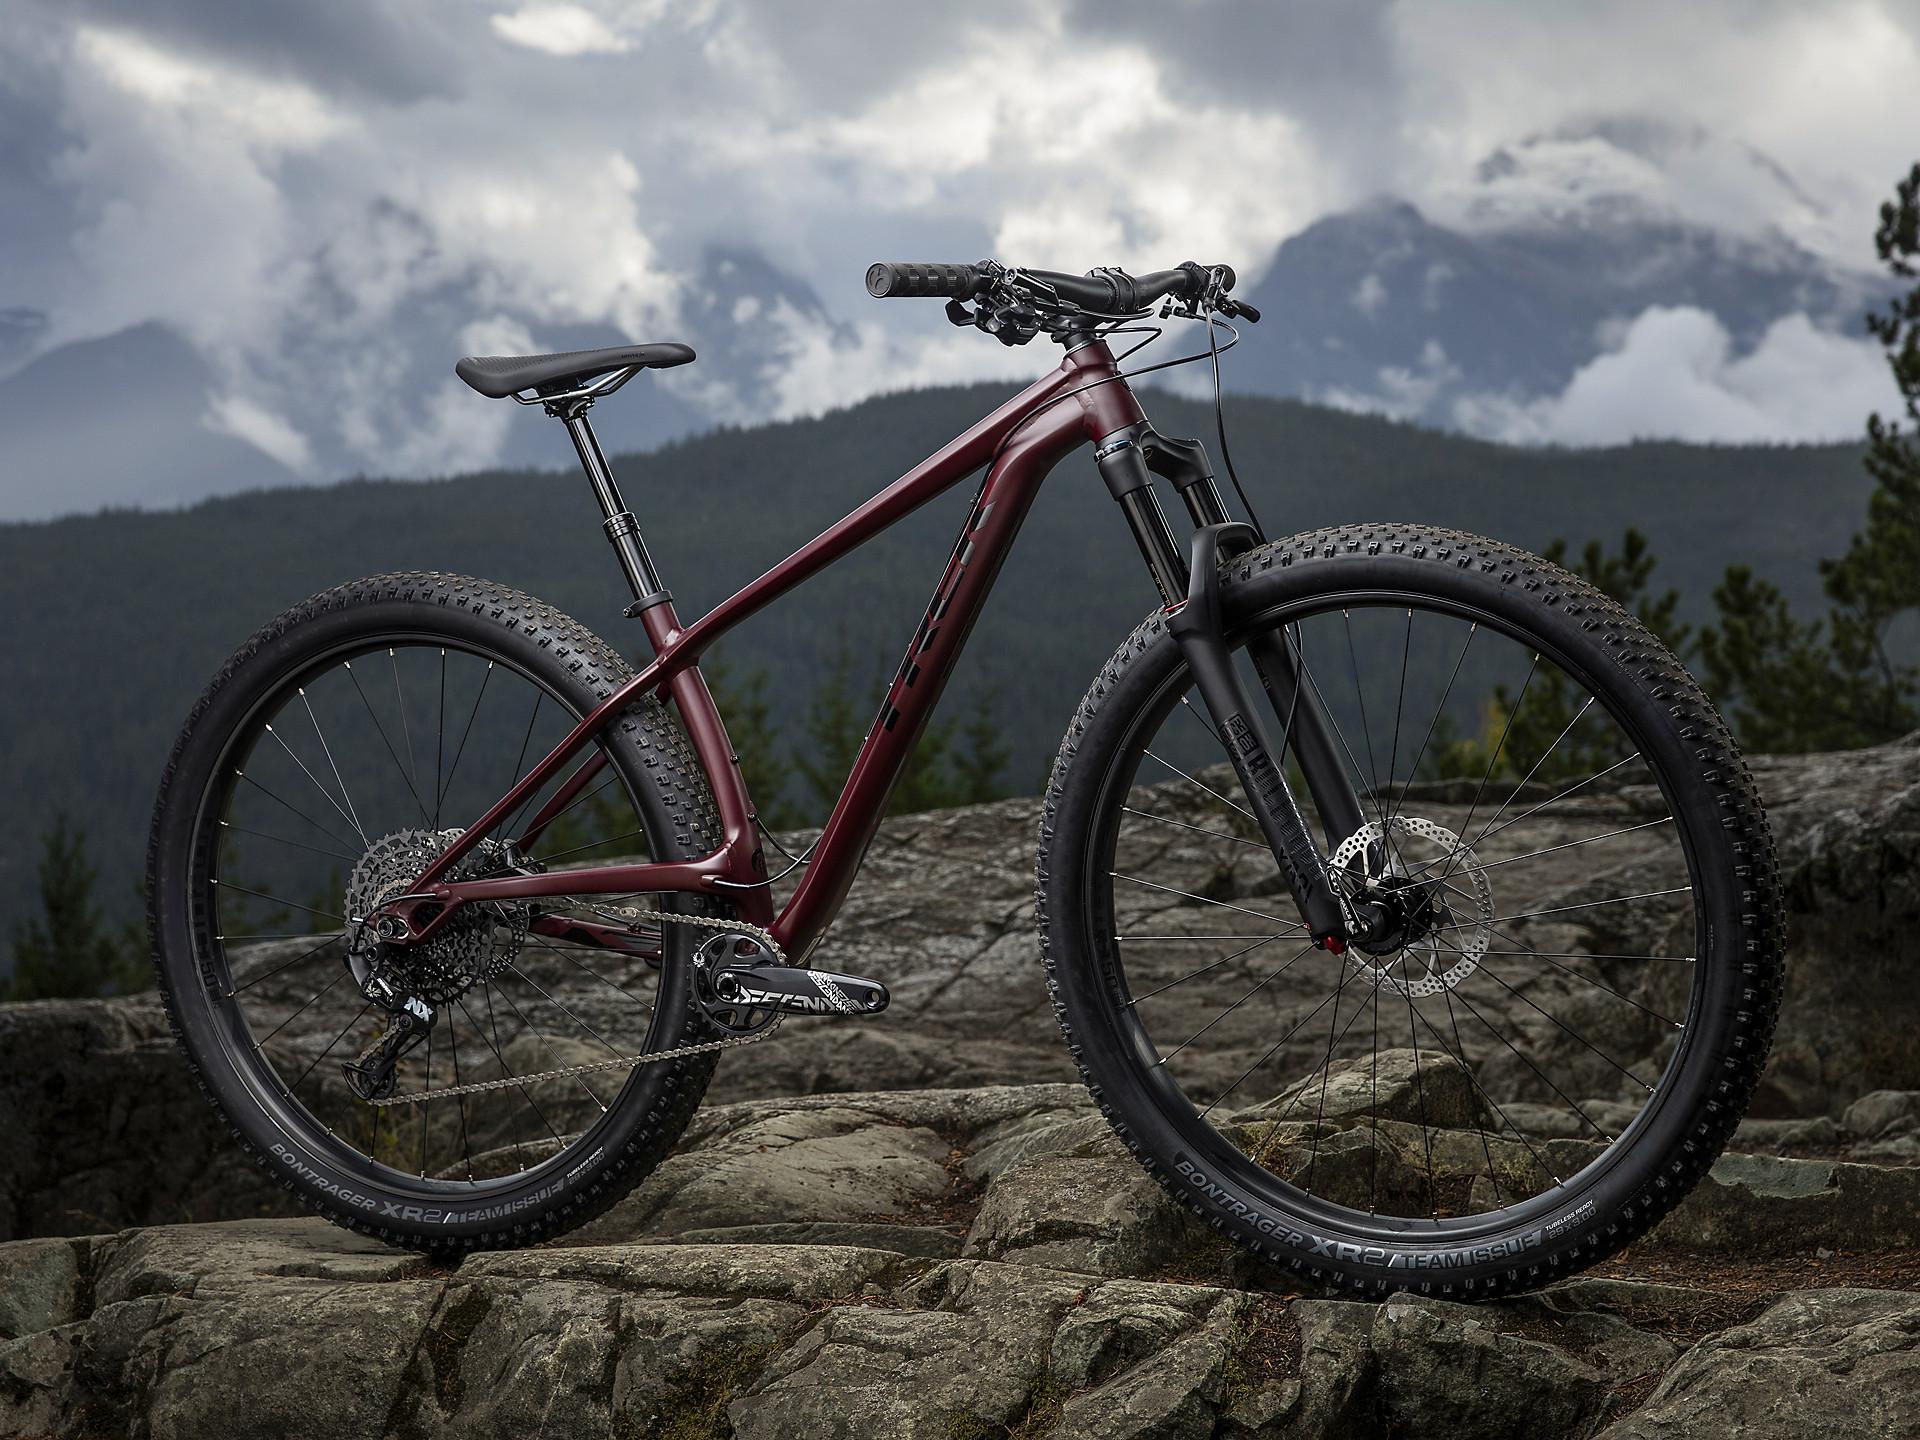 49a555f5459 Stache 7 | Trek Bikes